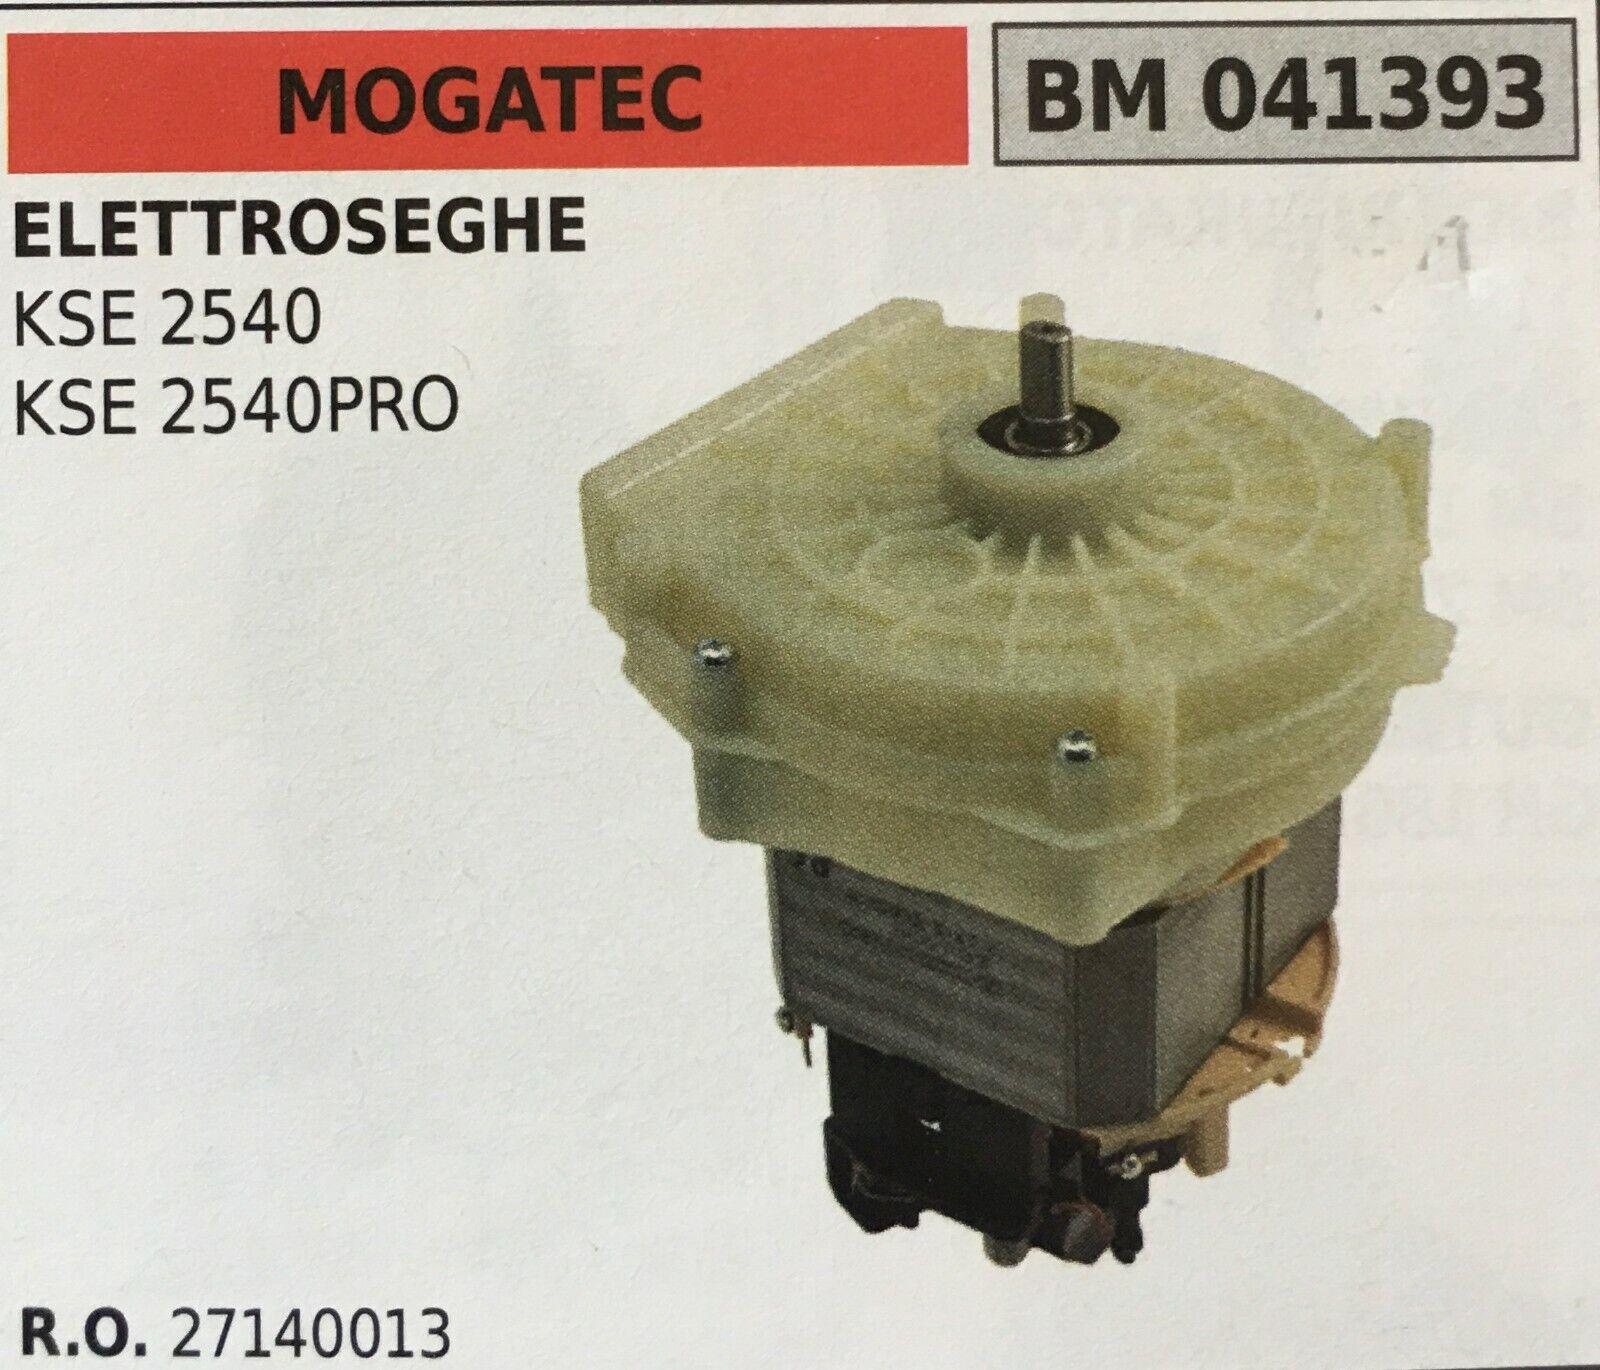 Motor Elektrisch Brumar Mogatec BM041393 Kettensägen Kse 2540 2540PRO